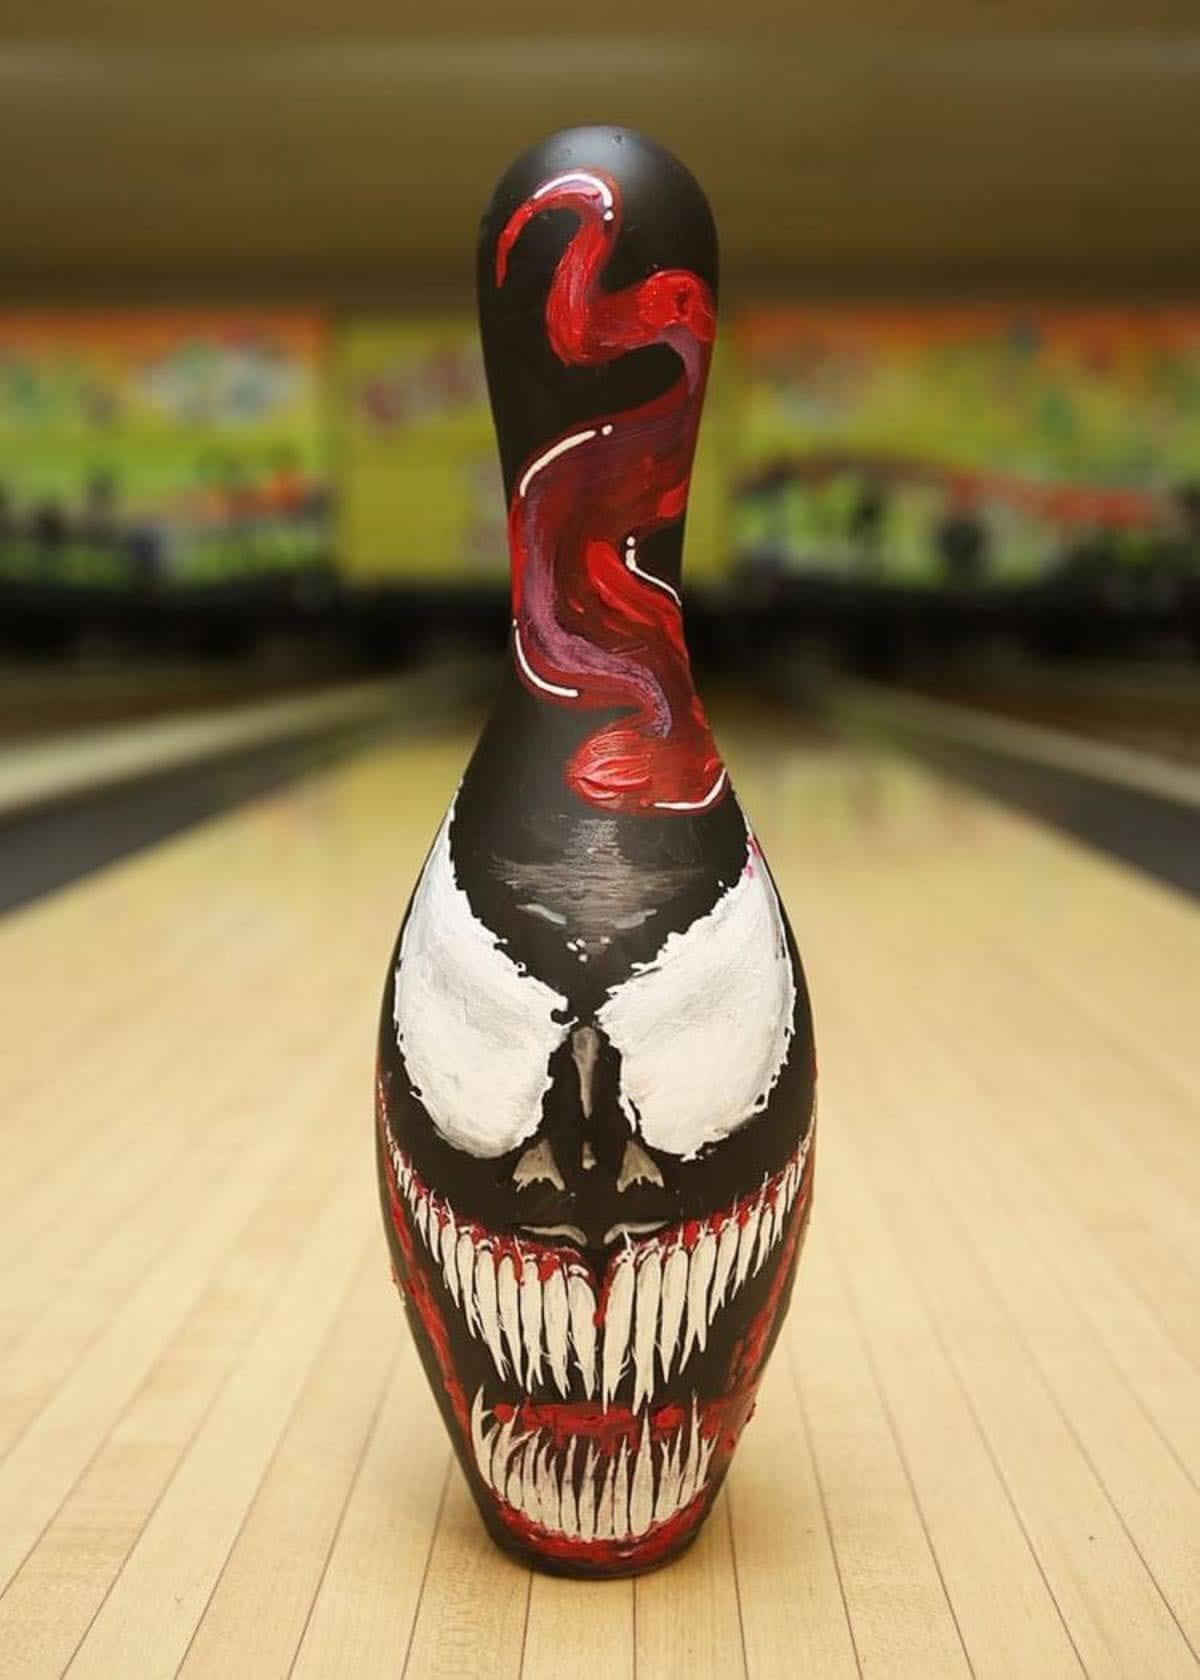 Venom Bowling pin : エイリアン・シンビオートに寄生されたヴェノム・ボウリング・ピン ! !